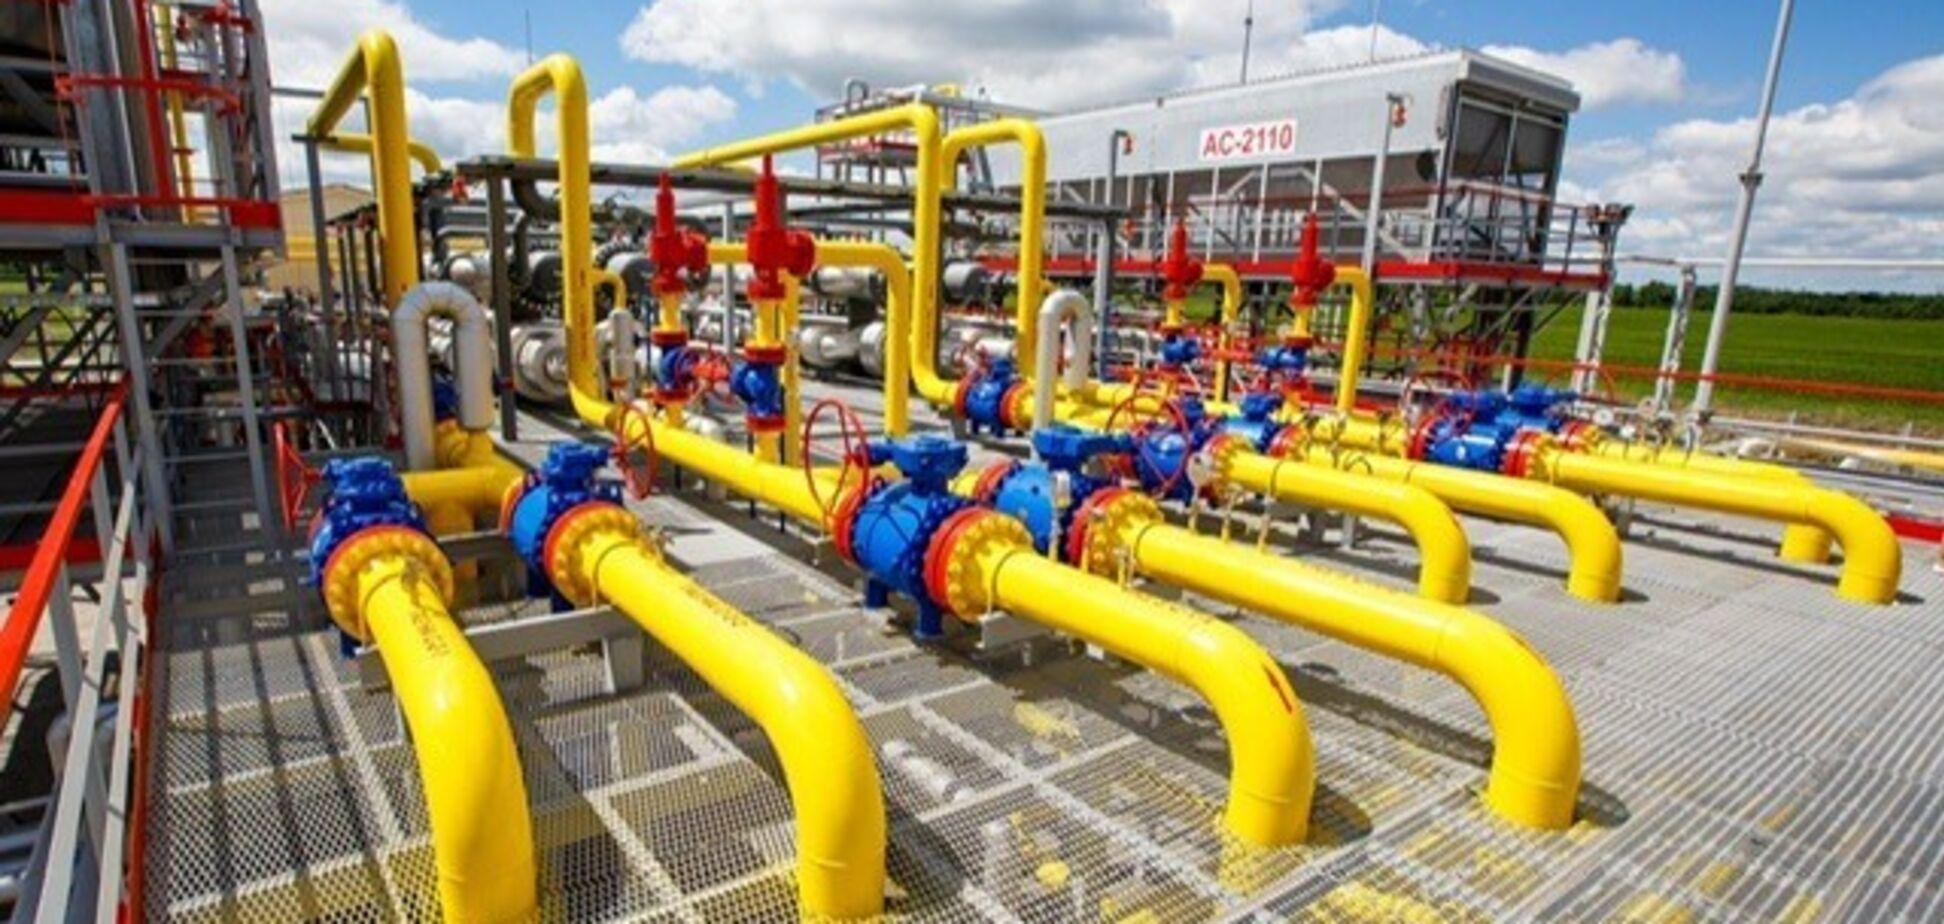 Іноземці в чотири рази збільшили обсяги зберігання газу в Україні